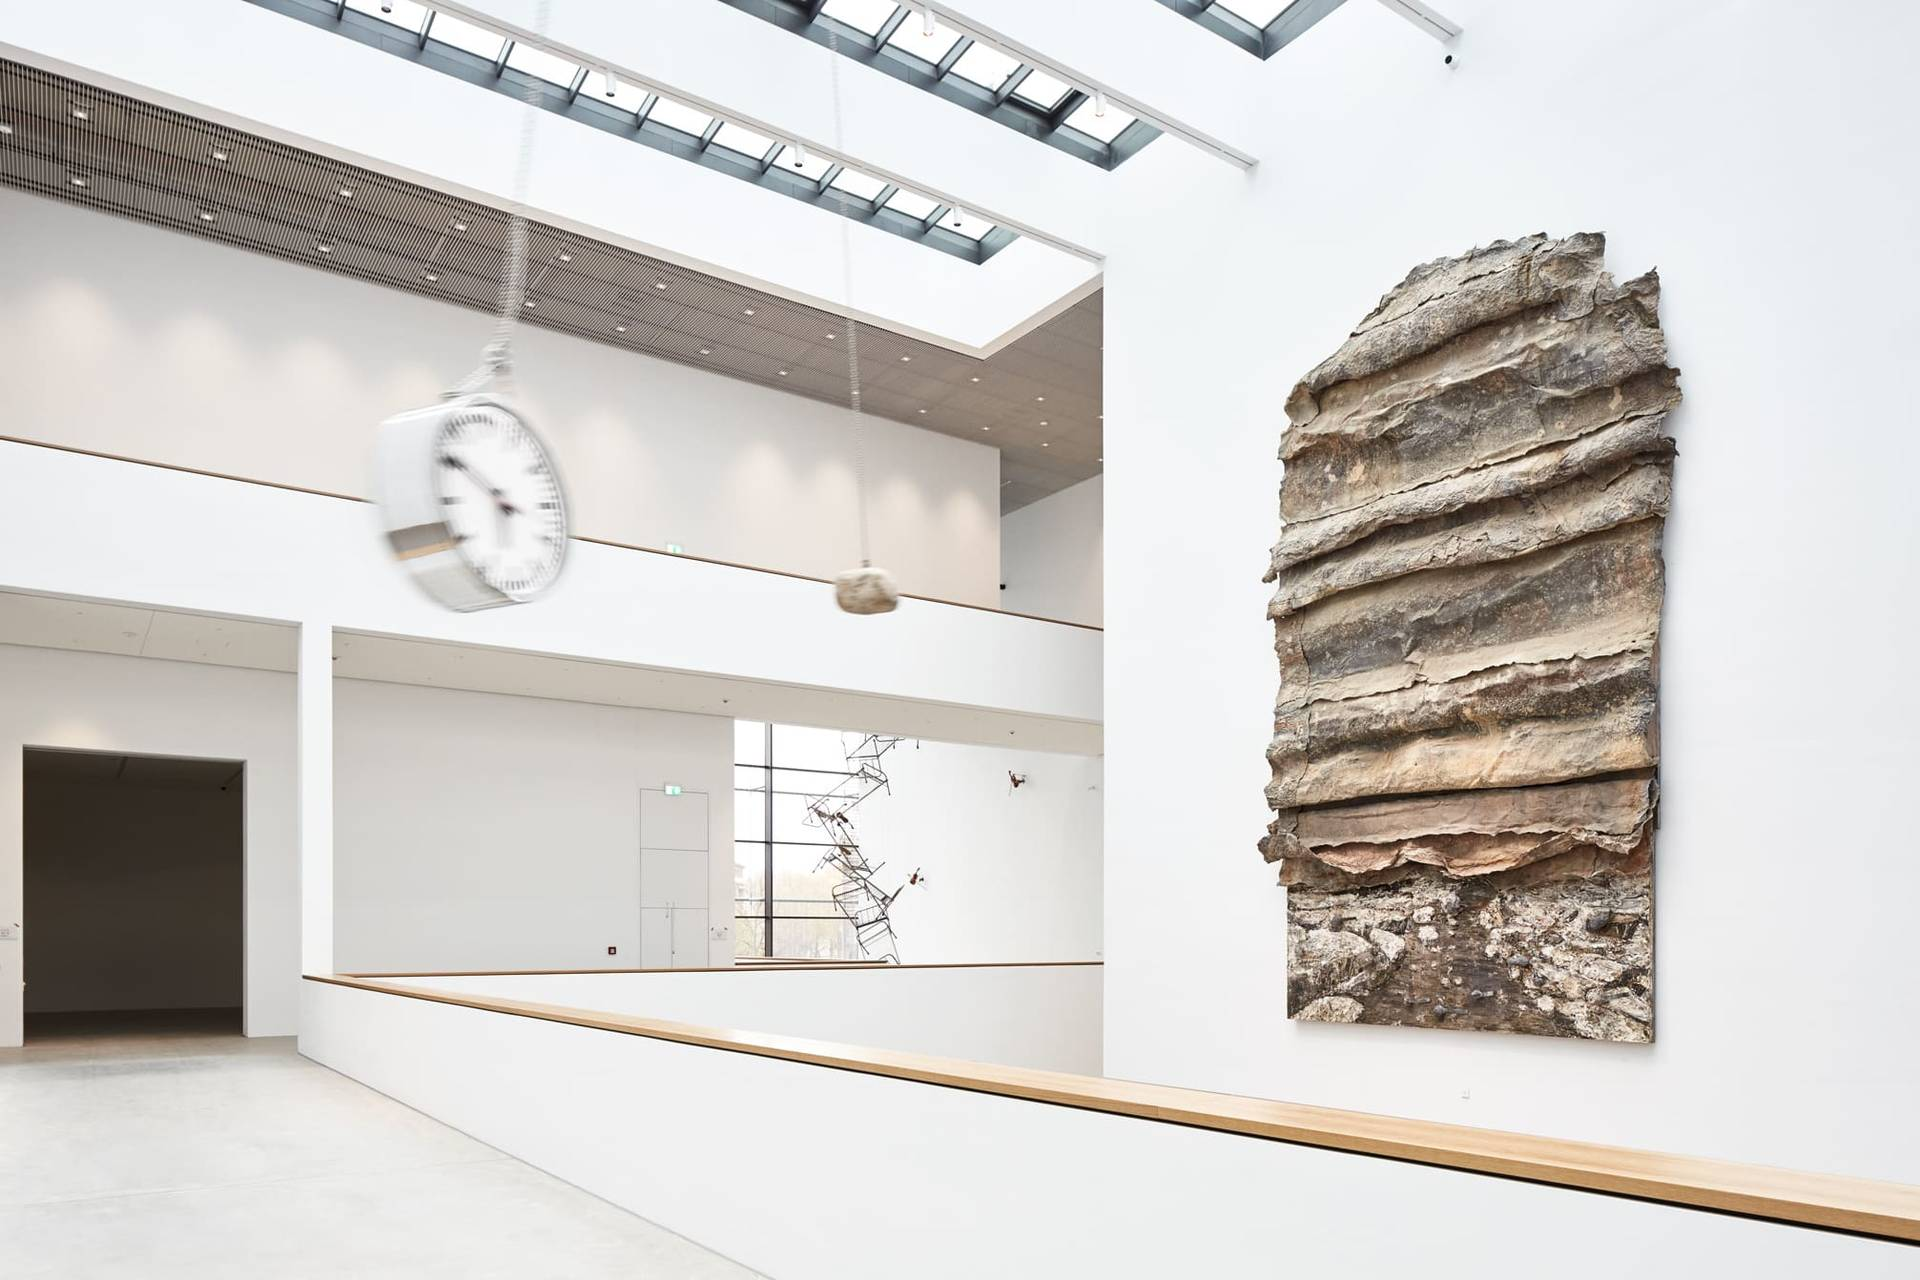 """Eindrucksvolle Begrüßer im Atrium: Anselm Kiefers """"Sefiroth"""" (2000) und Alicja Kwades """"Die bewegte Leere des Moments"""" (2015/2017)"""